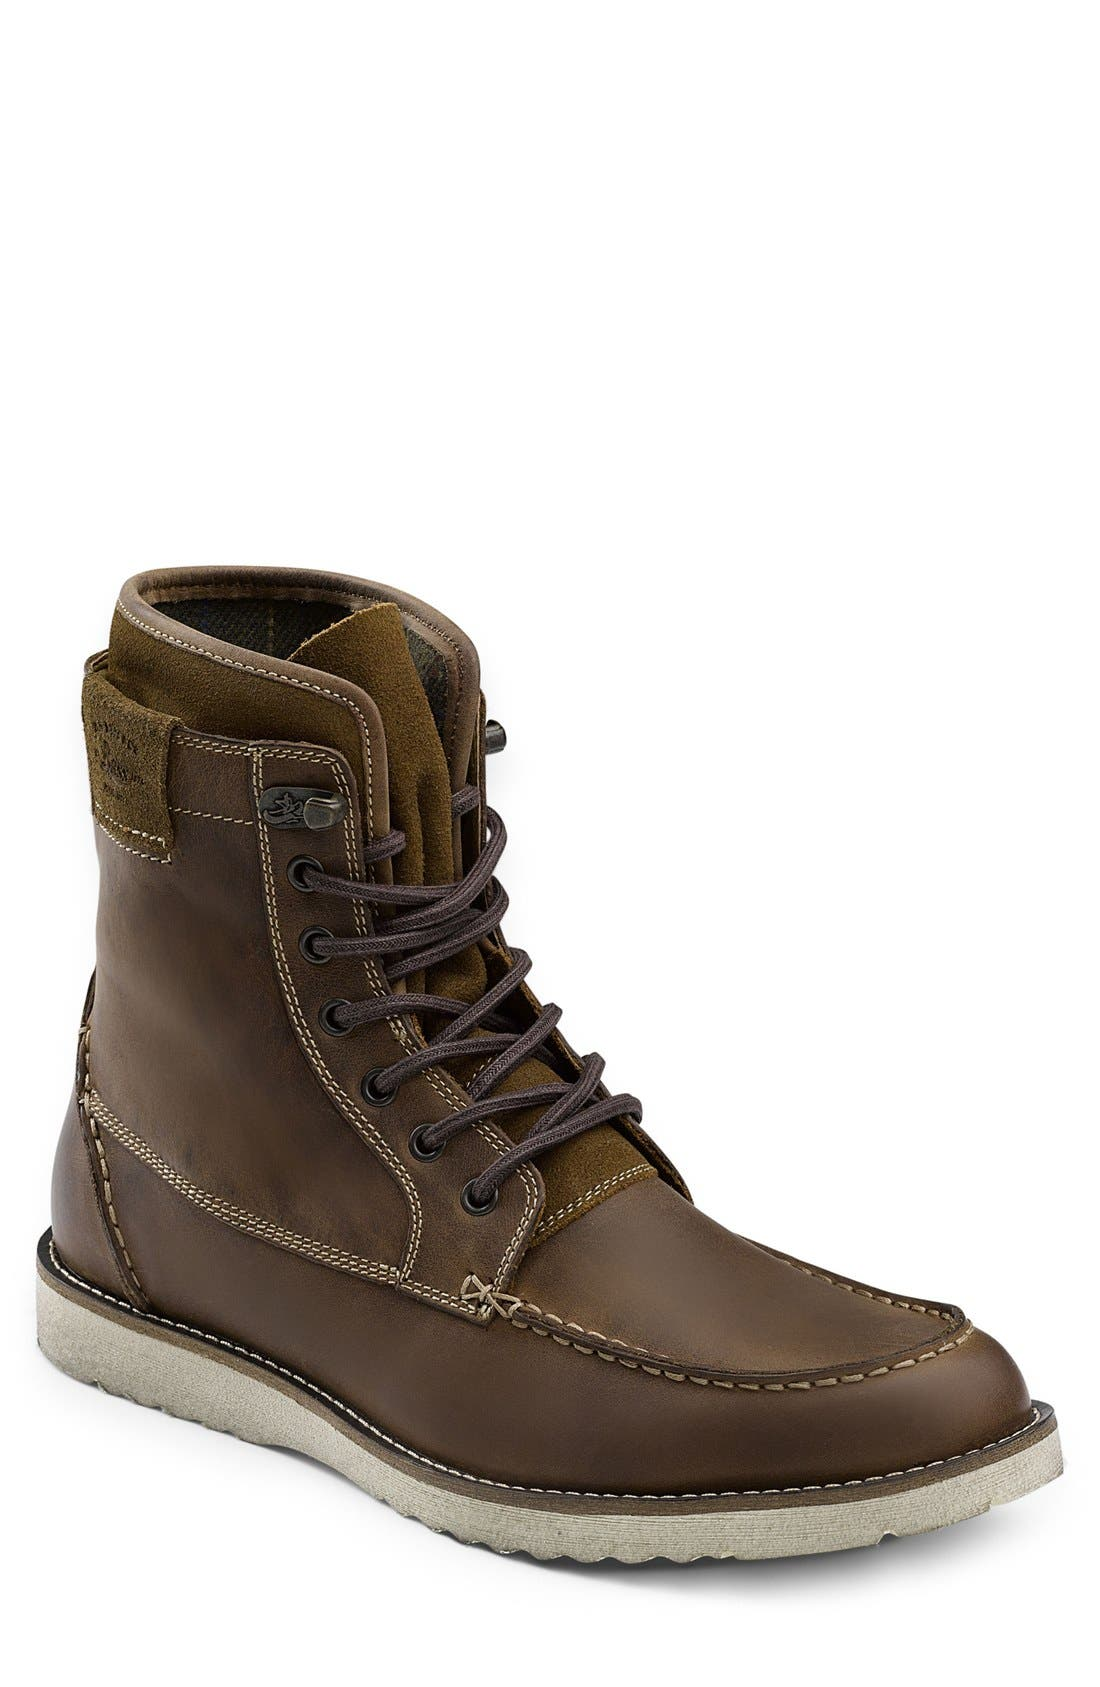 Moc Toe Boot,                         Main,                         color, Dark Tan